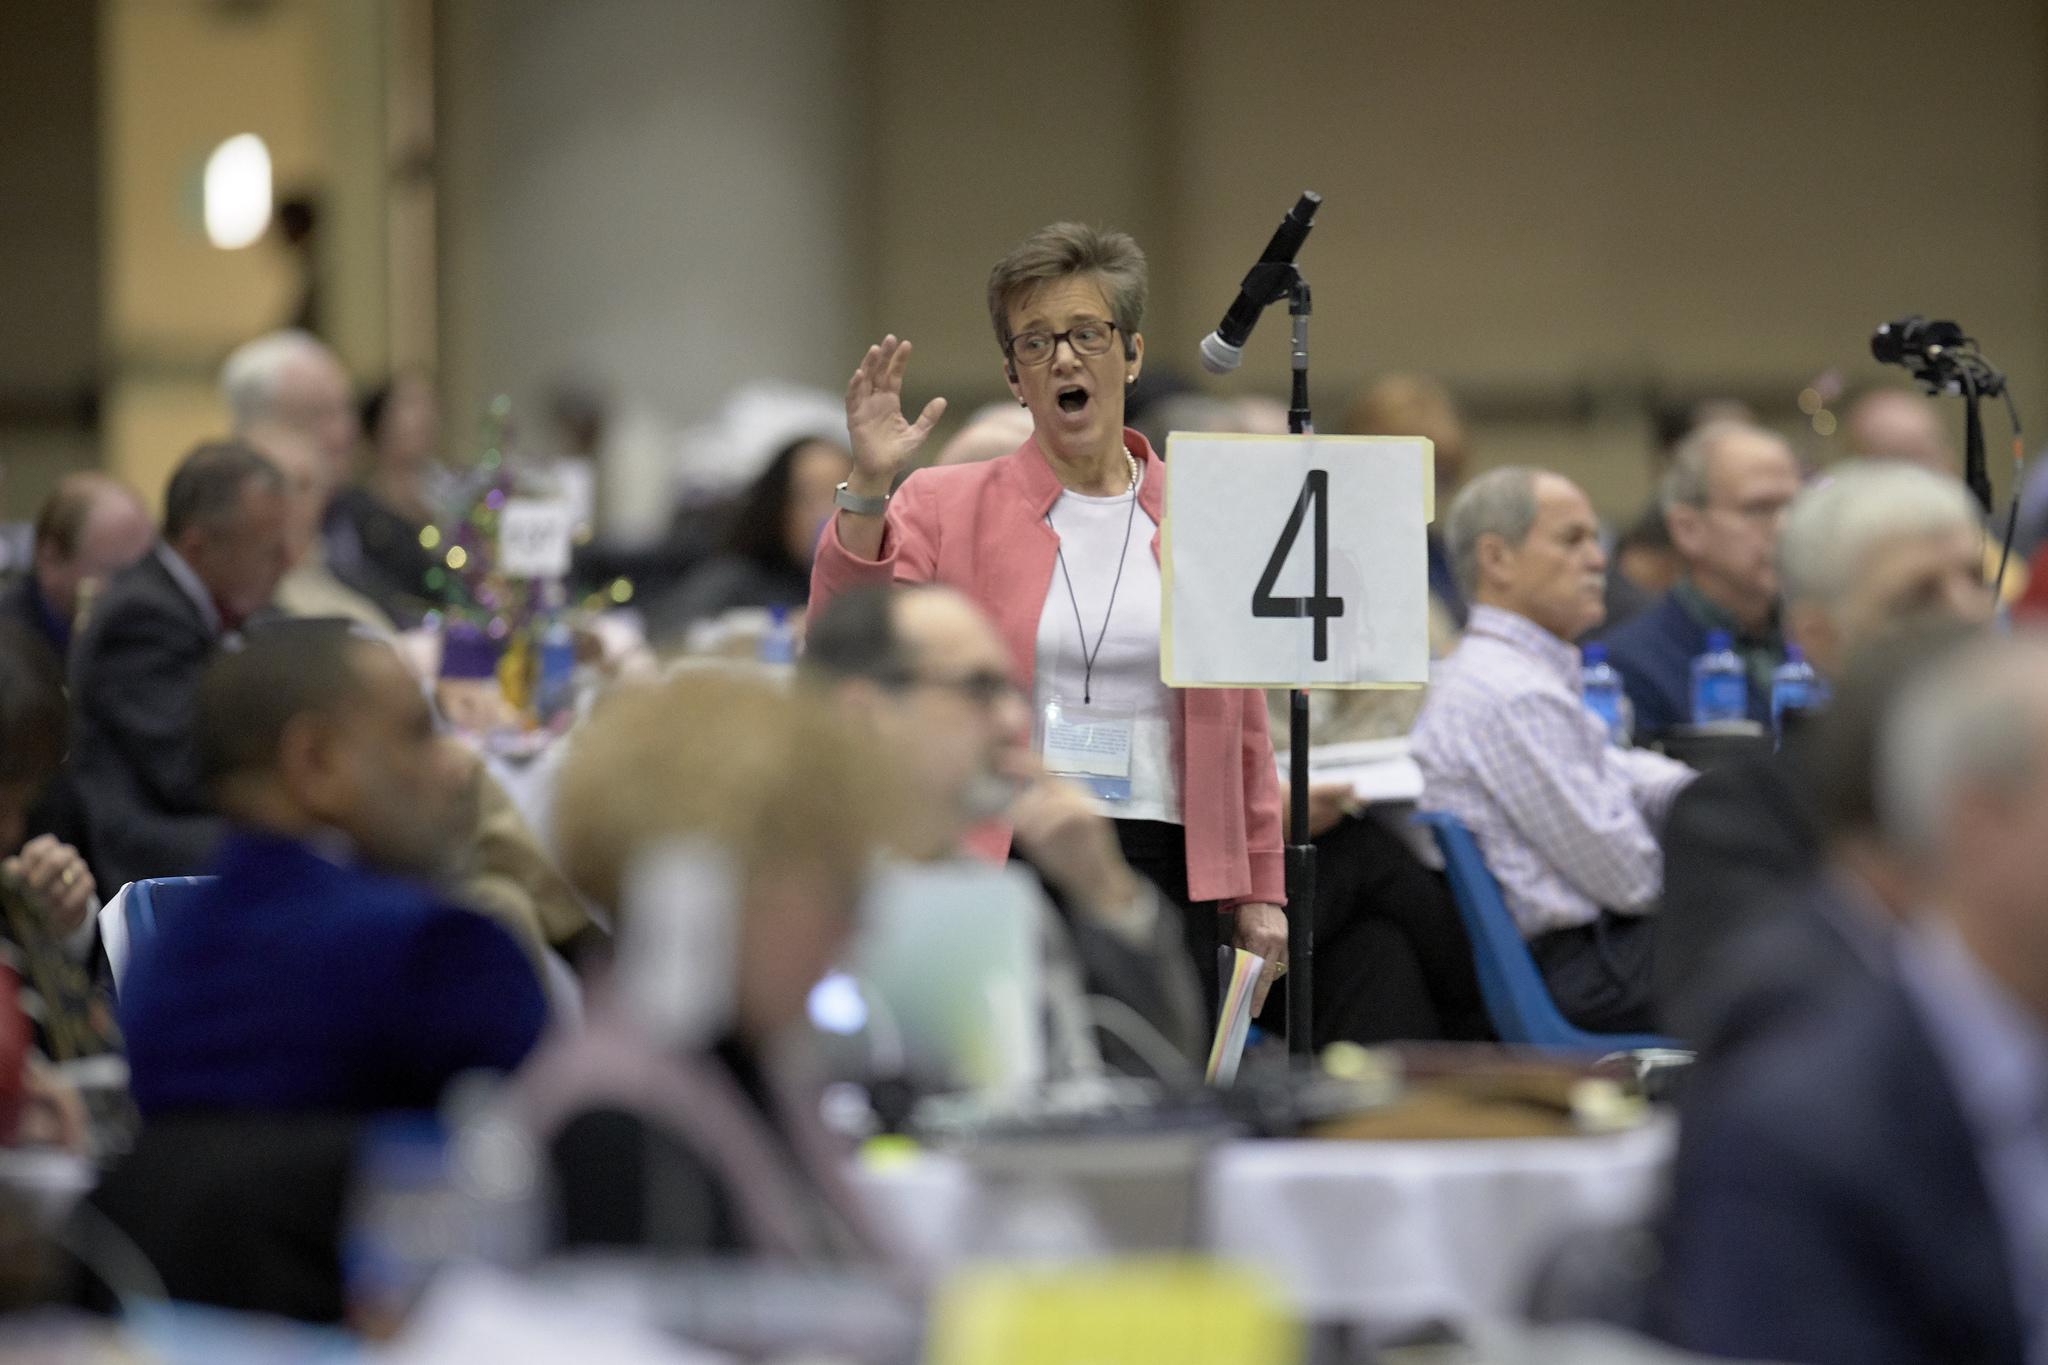 La révérende Rebekah Miles, déléguée de la Conférence de l'Arkansas, prend la parole lors de la Conférence Générale 2019 de l'Eglise Méthodiste Unie à Saint-Louis. Miles s'est prononcée en faveur du report de la question du Plan Traditionnel, qu'elle désapprouve. Photo de Paul Jeffrey, UMNS.